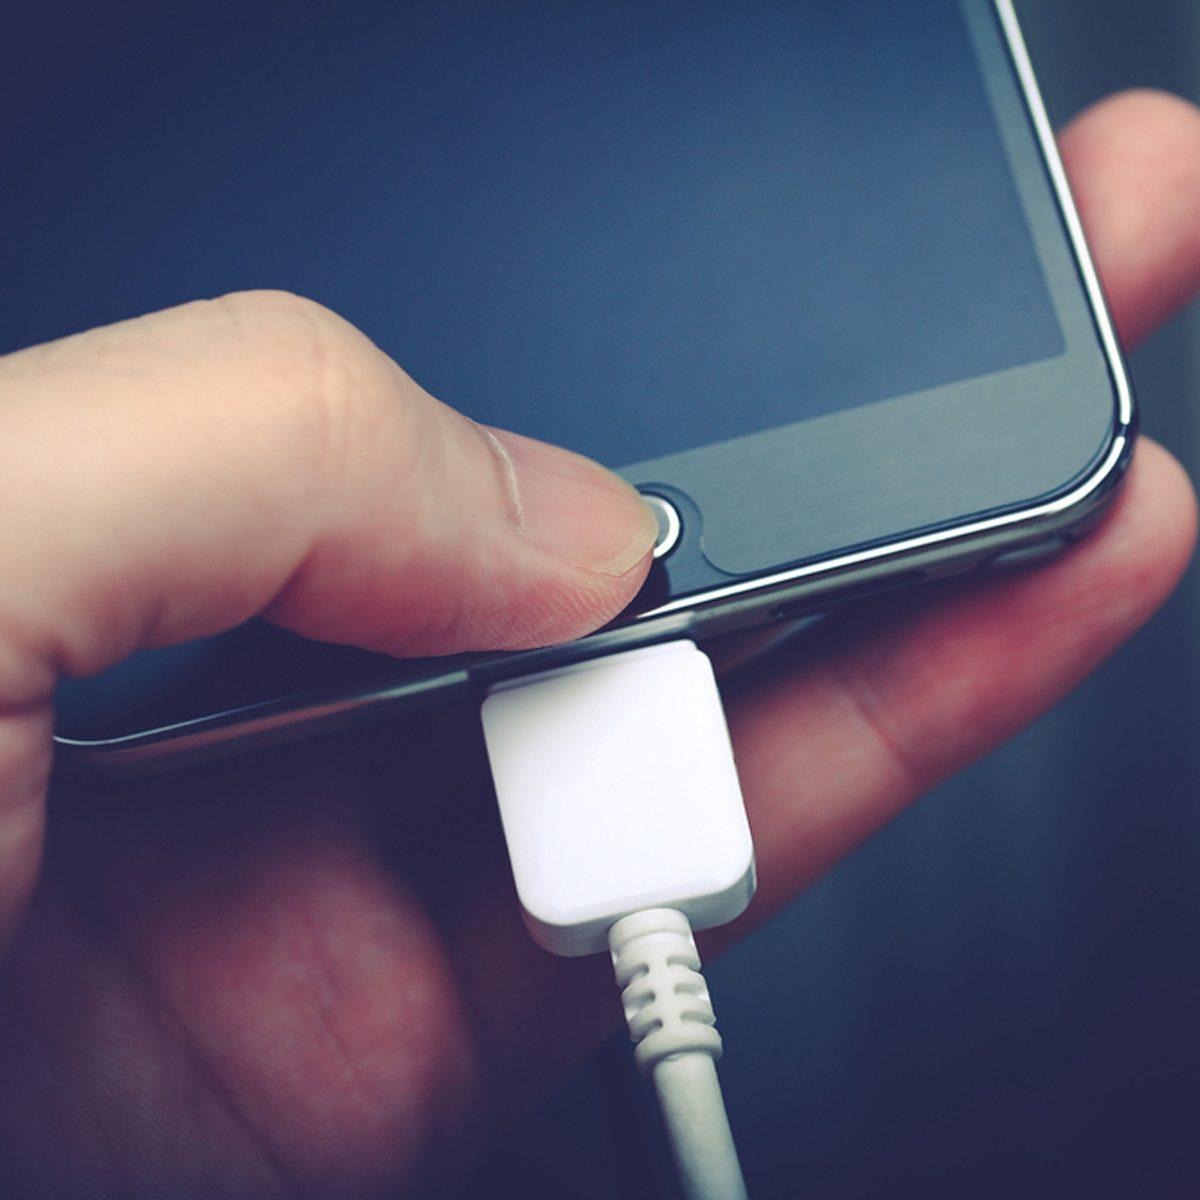 charging phone in car